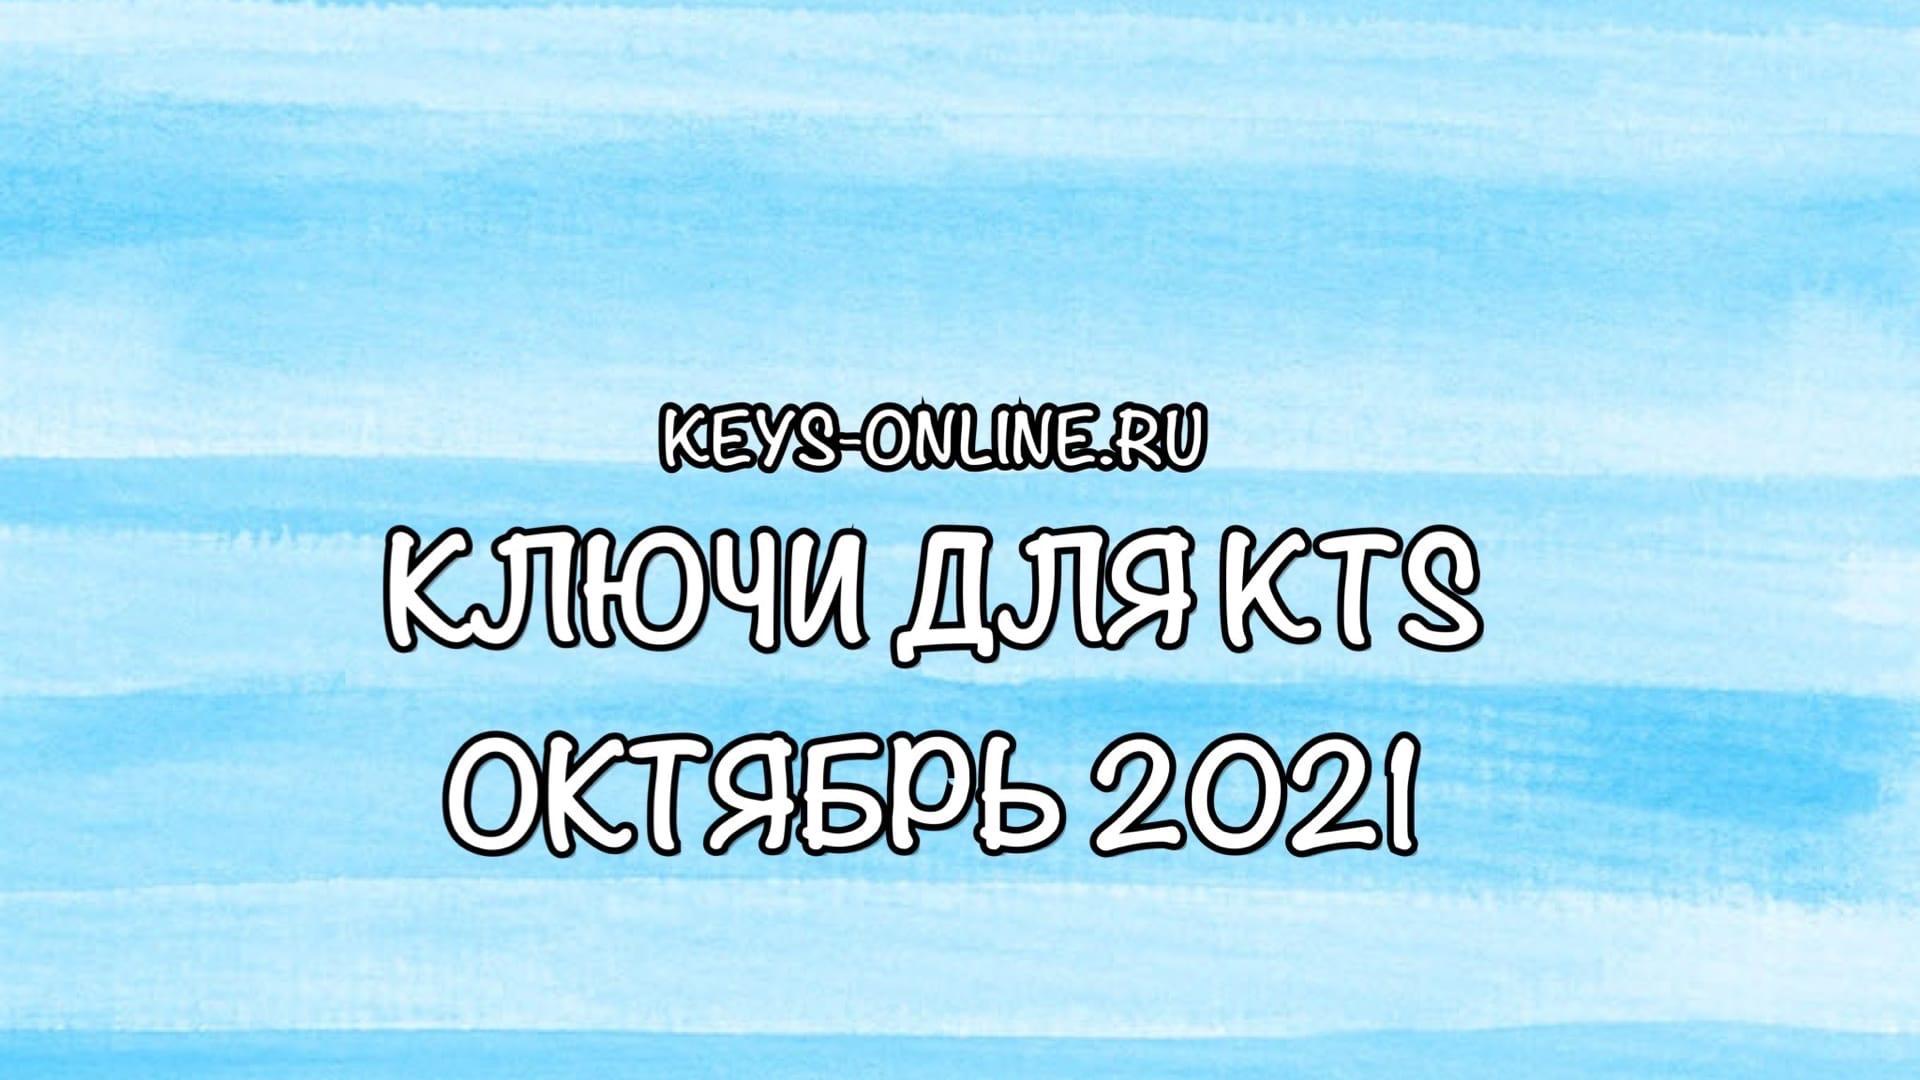 kluchi dlya kts octyabr 2021